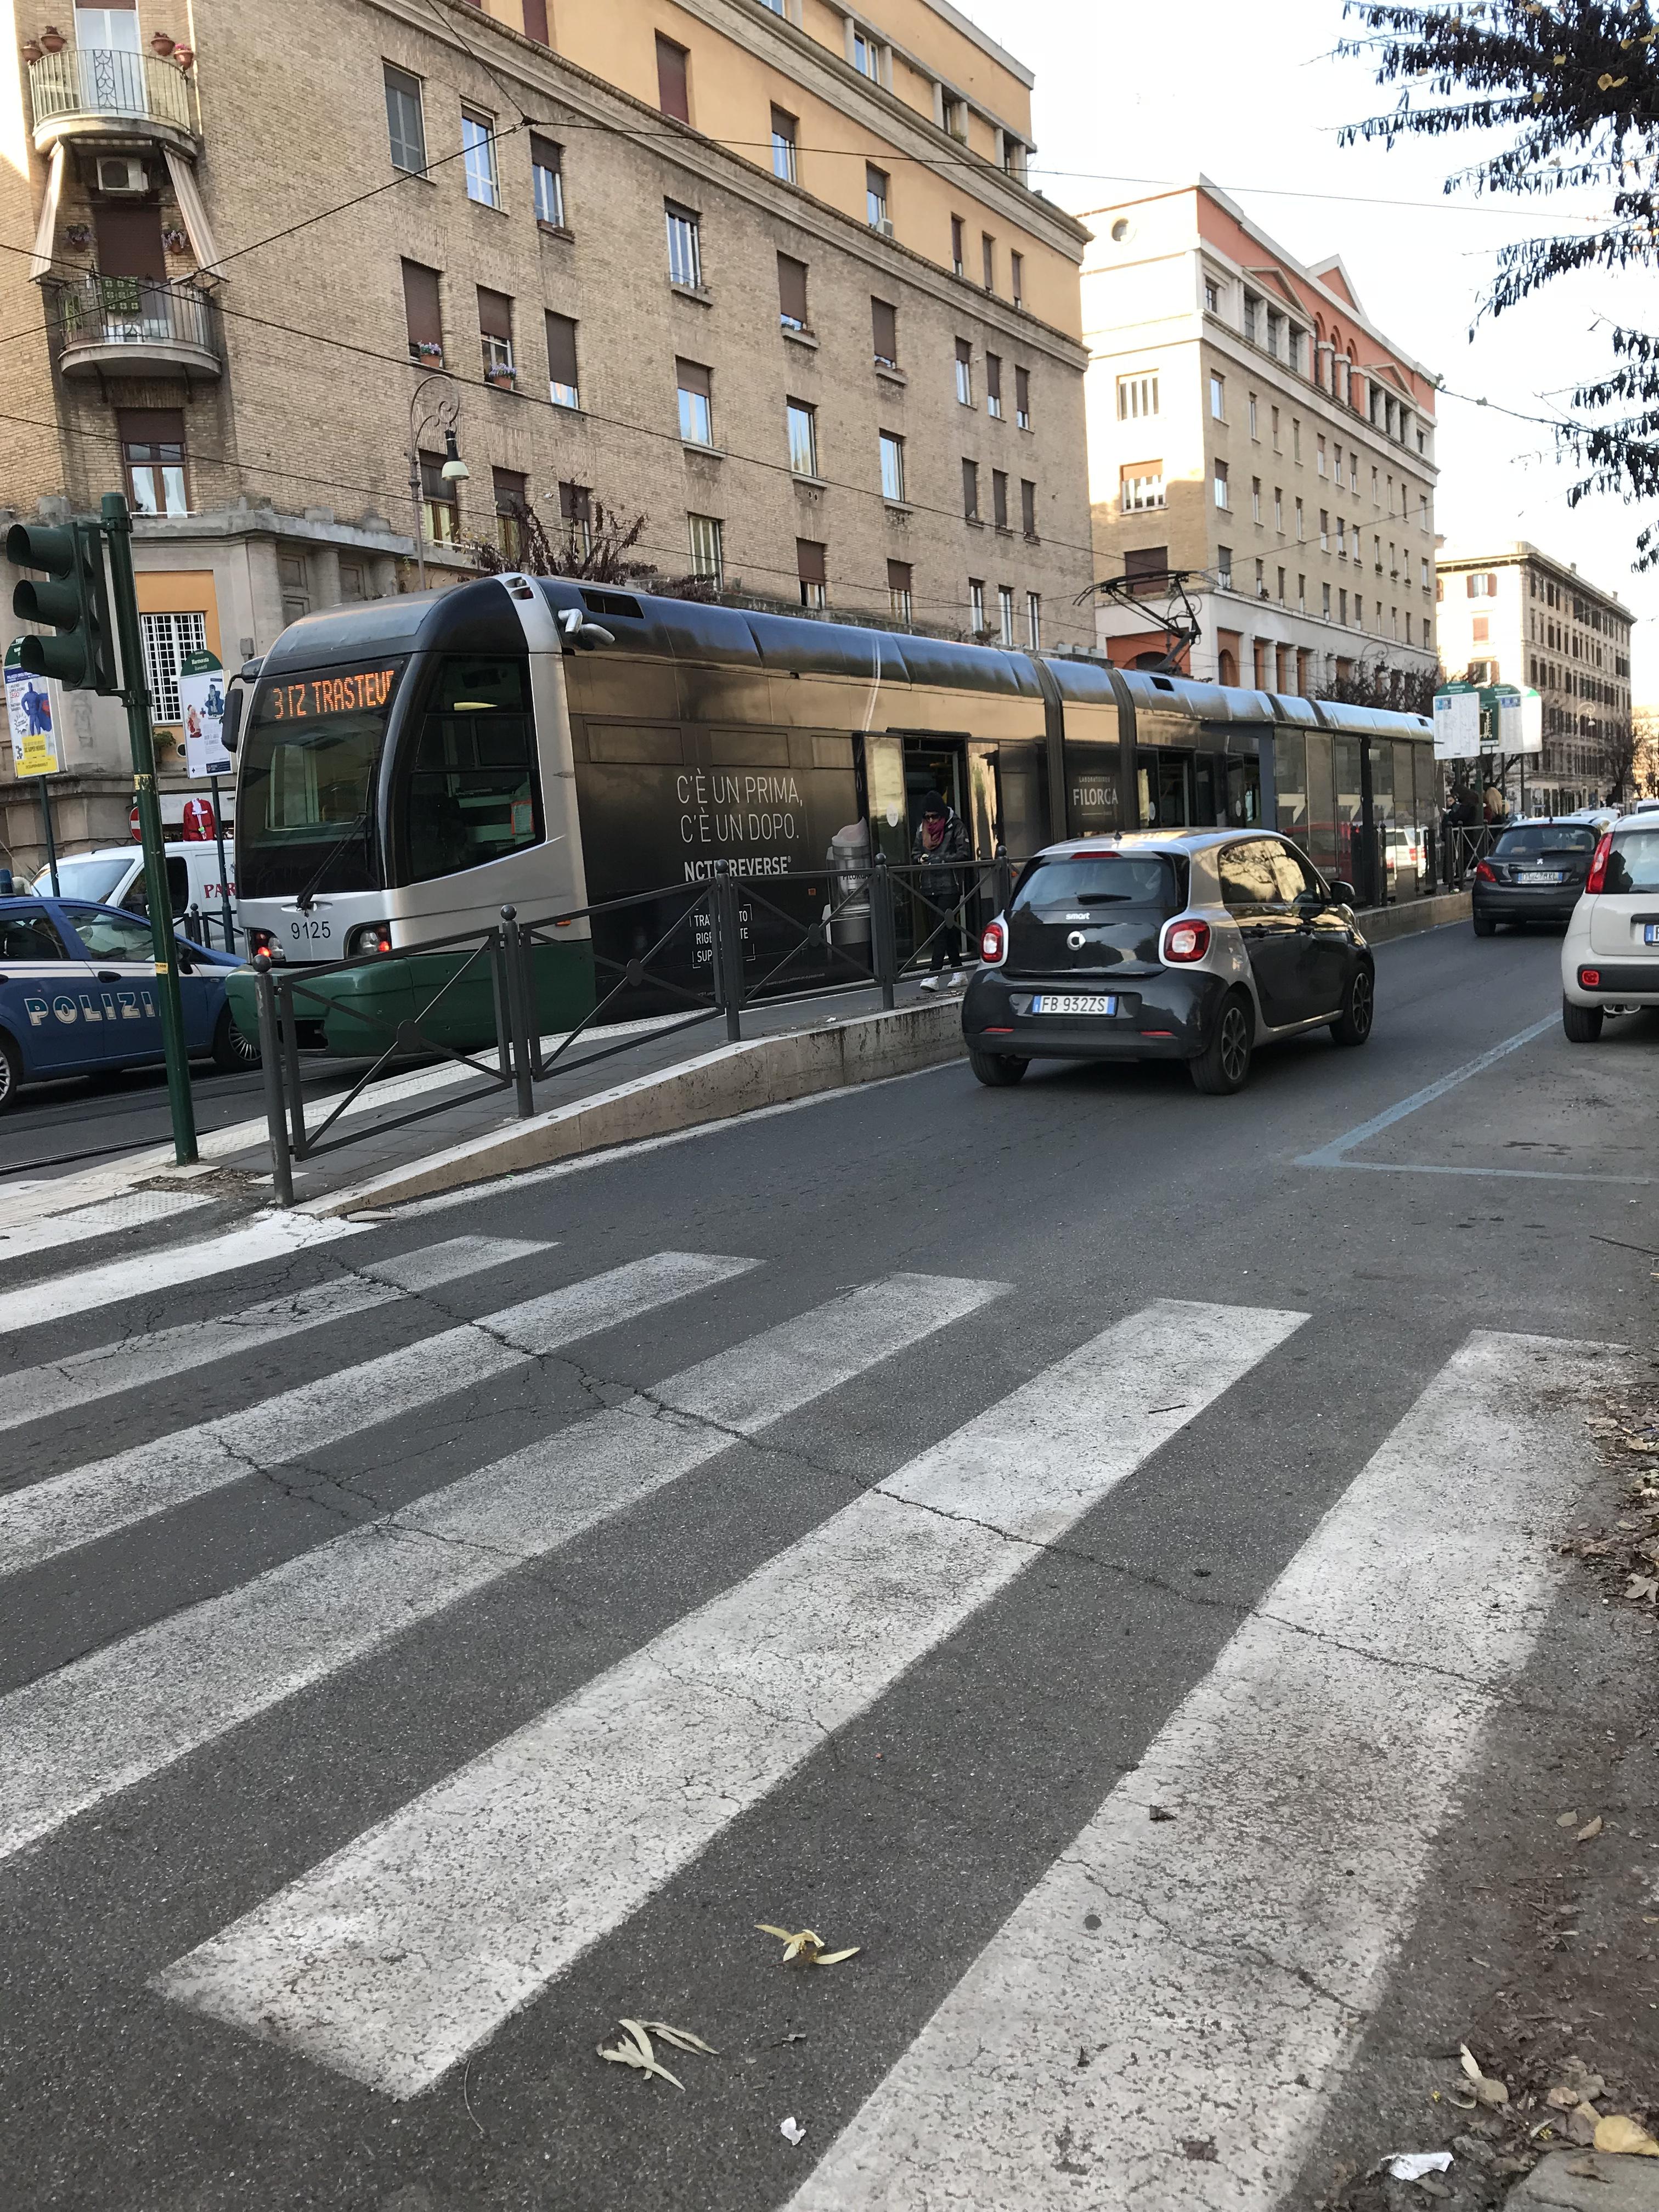 ローマのトラム(市電)に乗ってみた